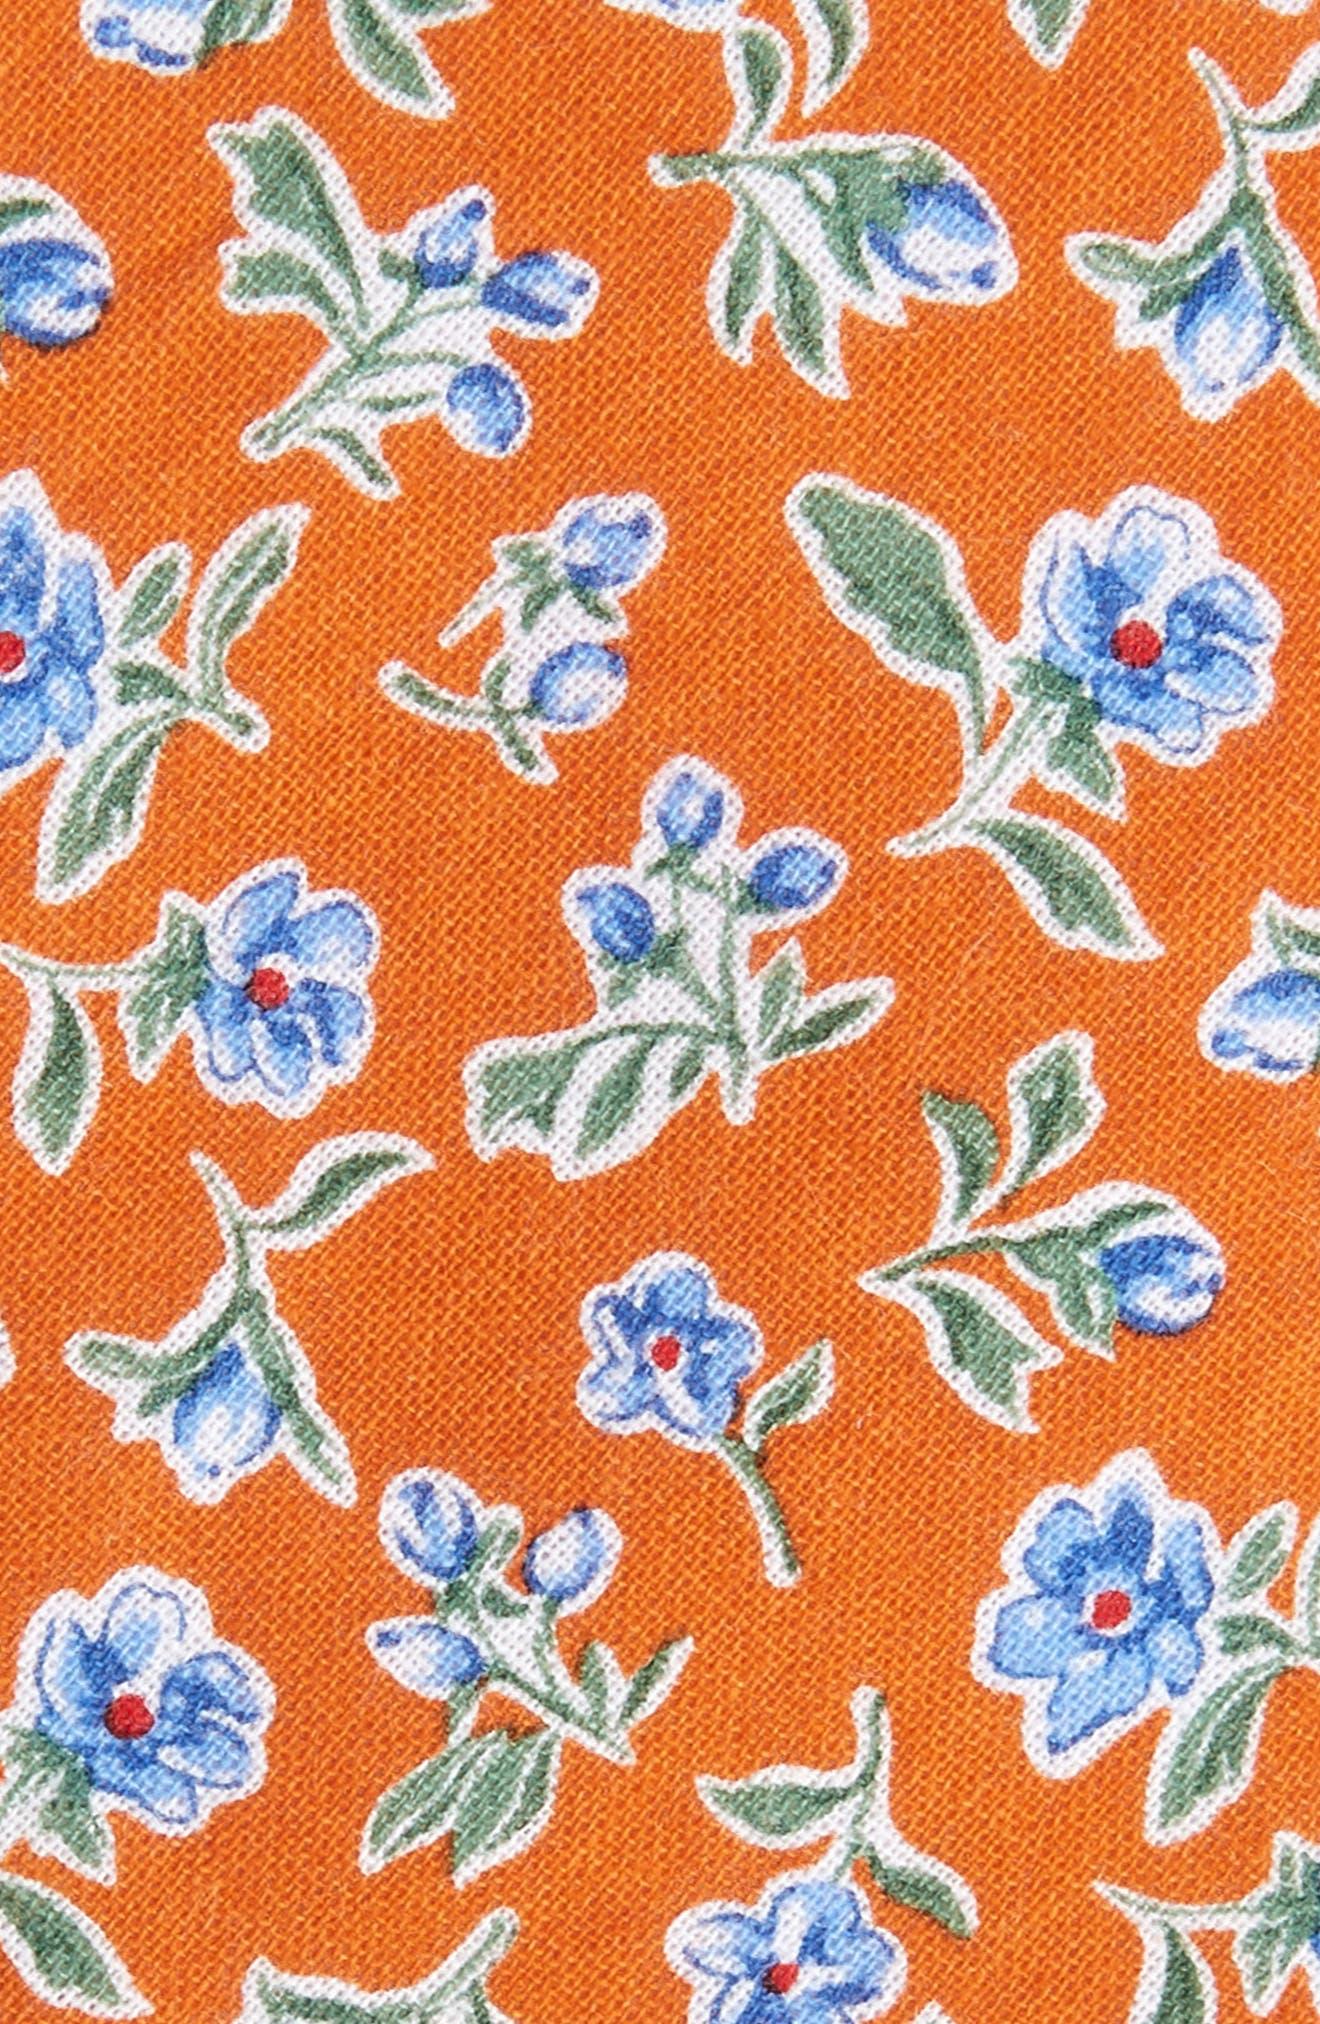 Alternate Image 2  - Nordstrom Men's Shop Kendals Floral Cotton Skinny Tie